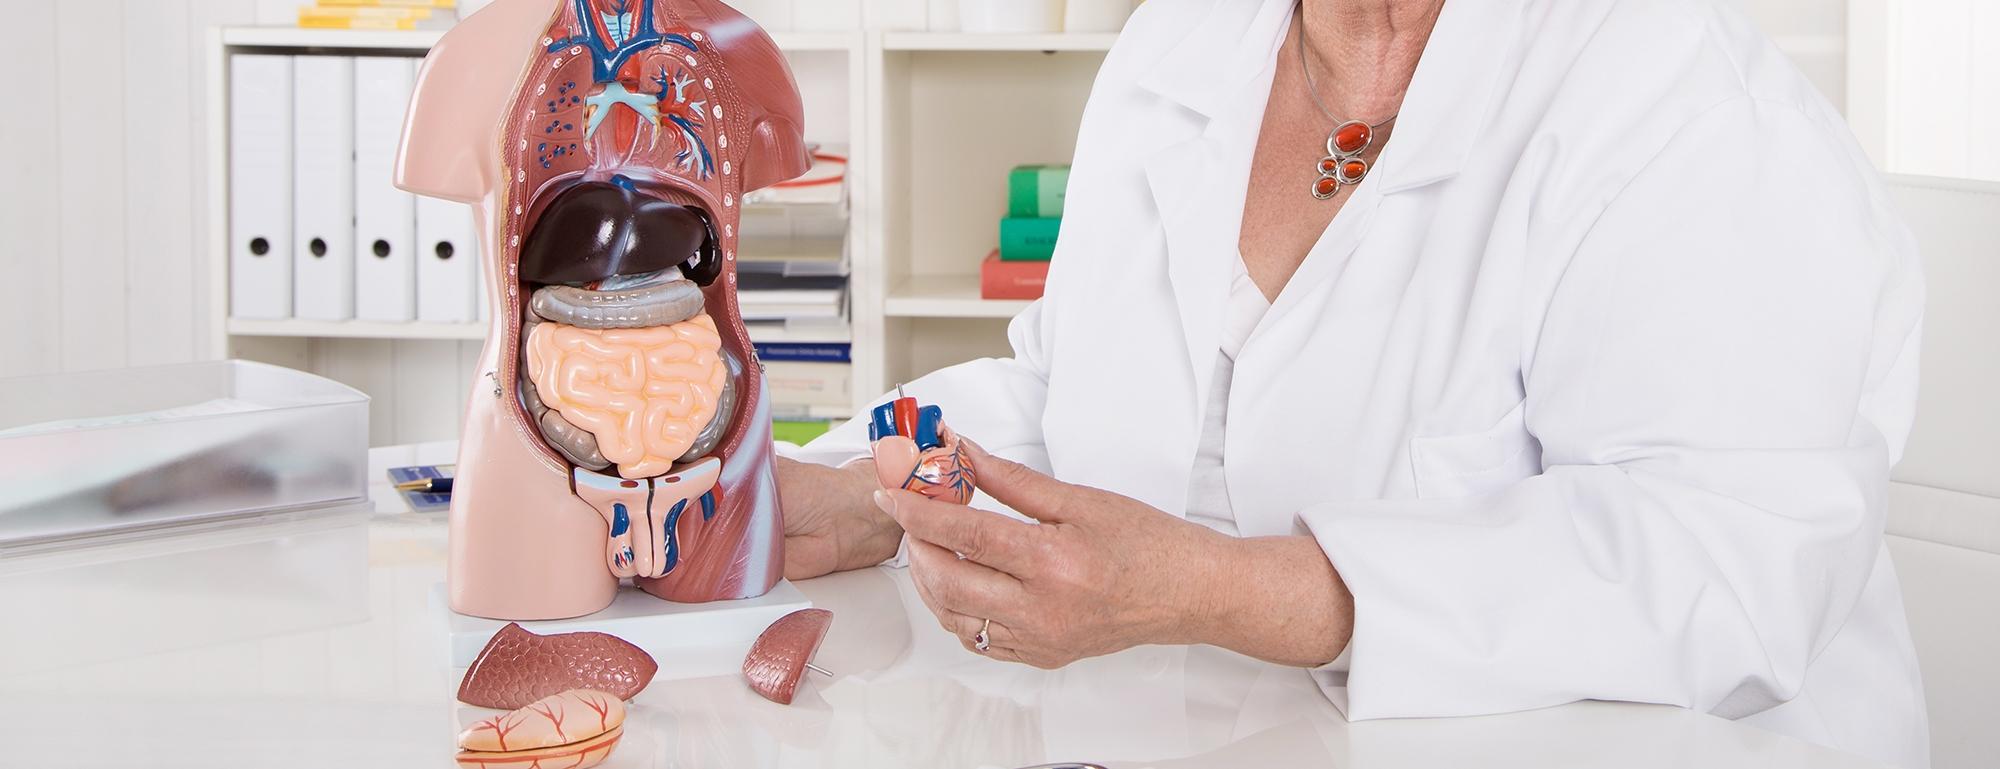 Sprechstunde für Leber- und Gallenerkrankungen